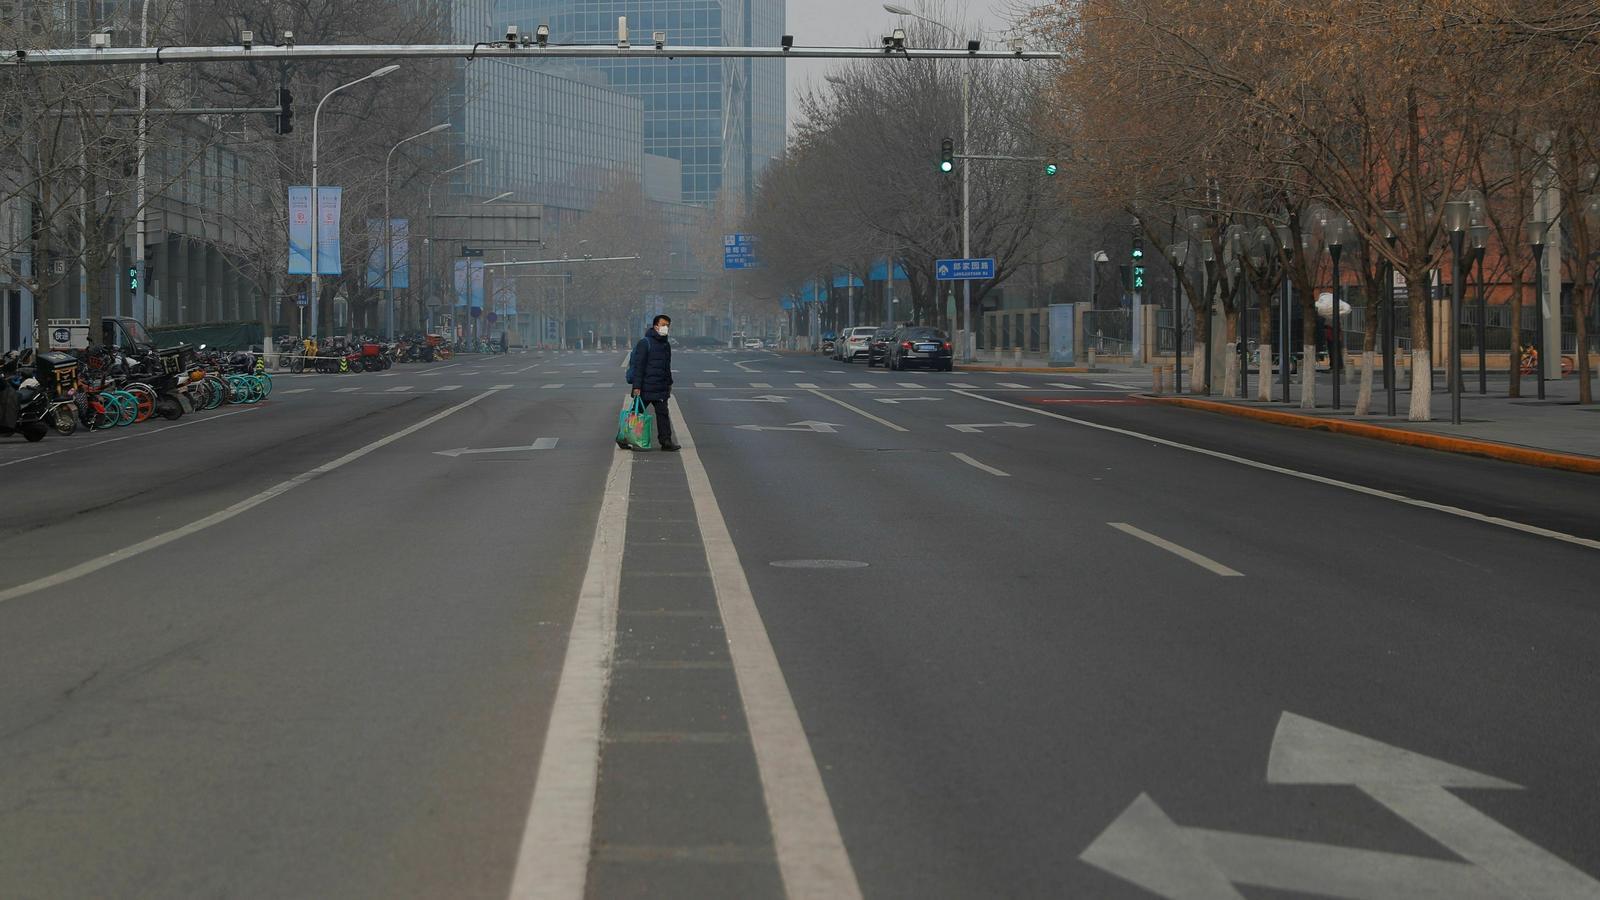 Els habitants de Pequín, confinats a casa per por del coronavirus